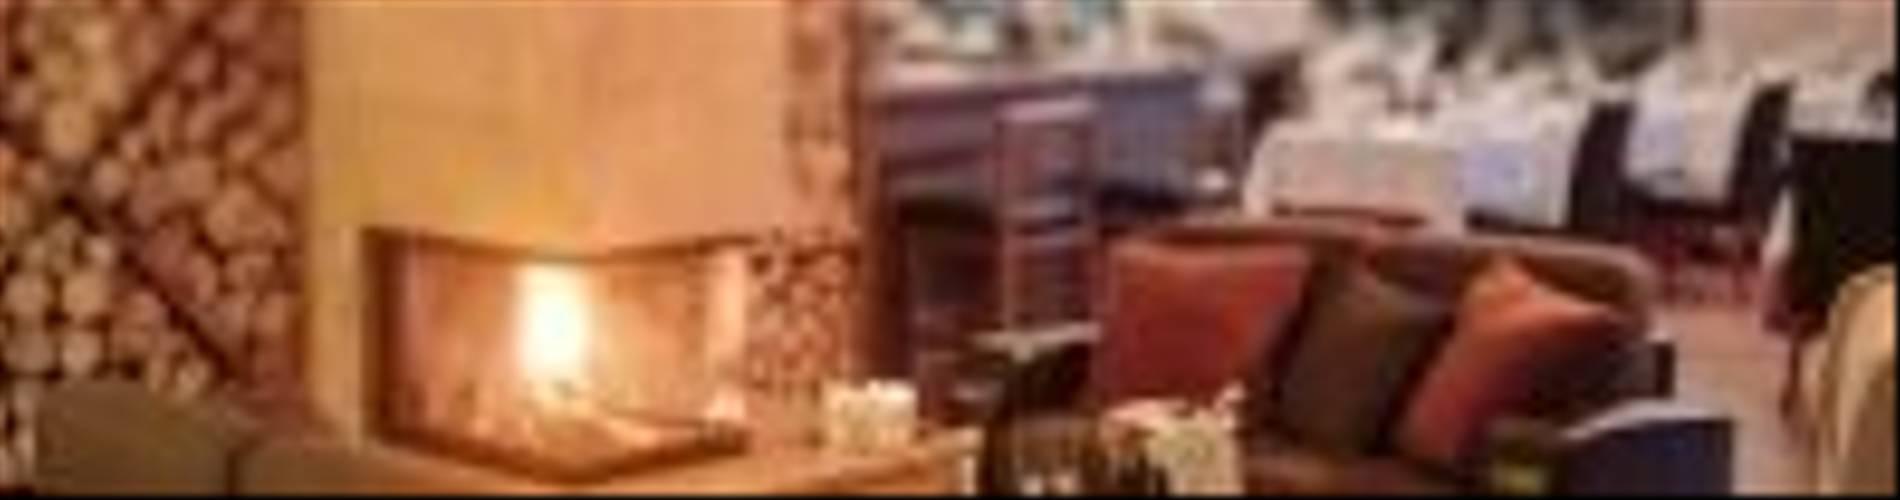 HotelResidence_DIOKLECIJAN_lounge-bar-firePlace_2048px_3S8C3790-198x120.jpg